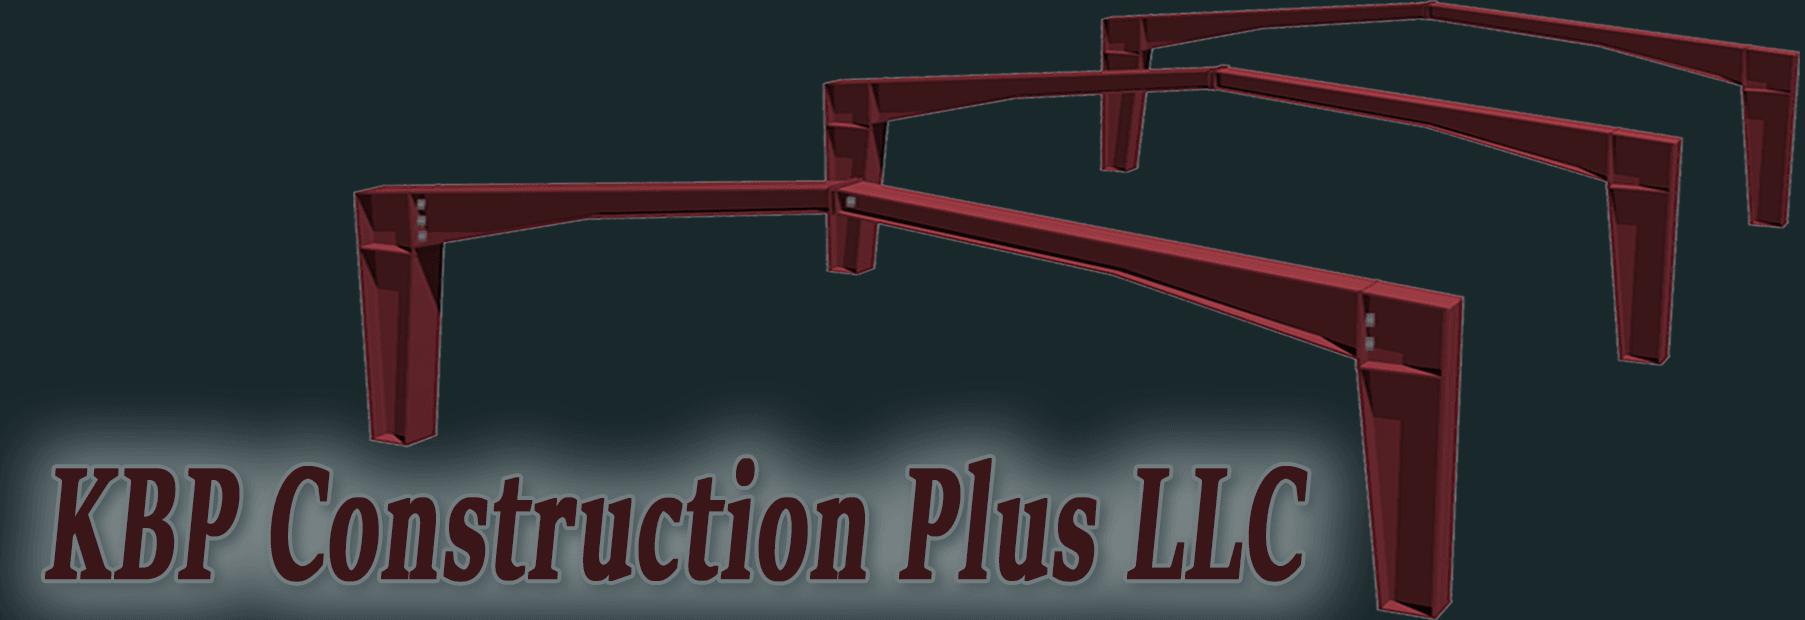 KBP Construction Plus LLC. Steel Buildings, Construction & Remodeling Services